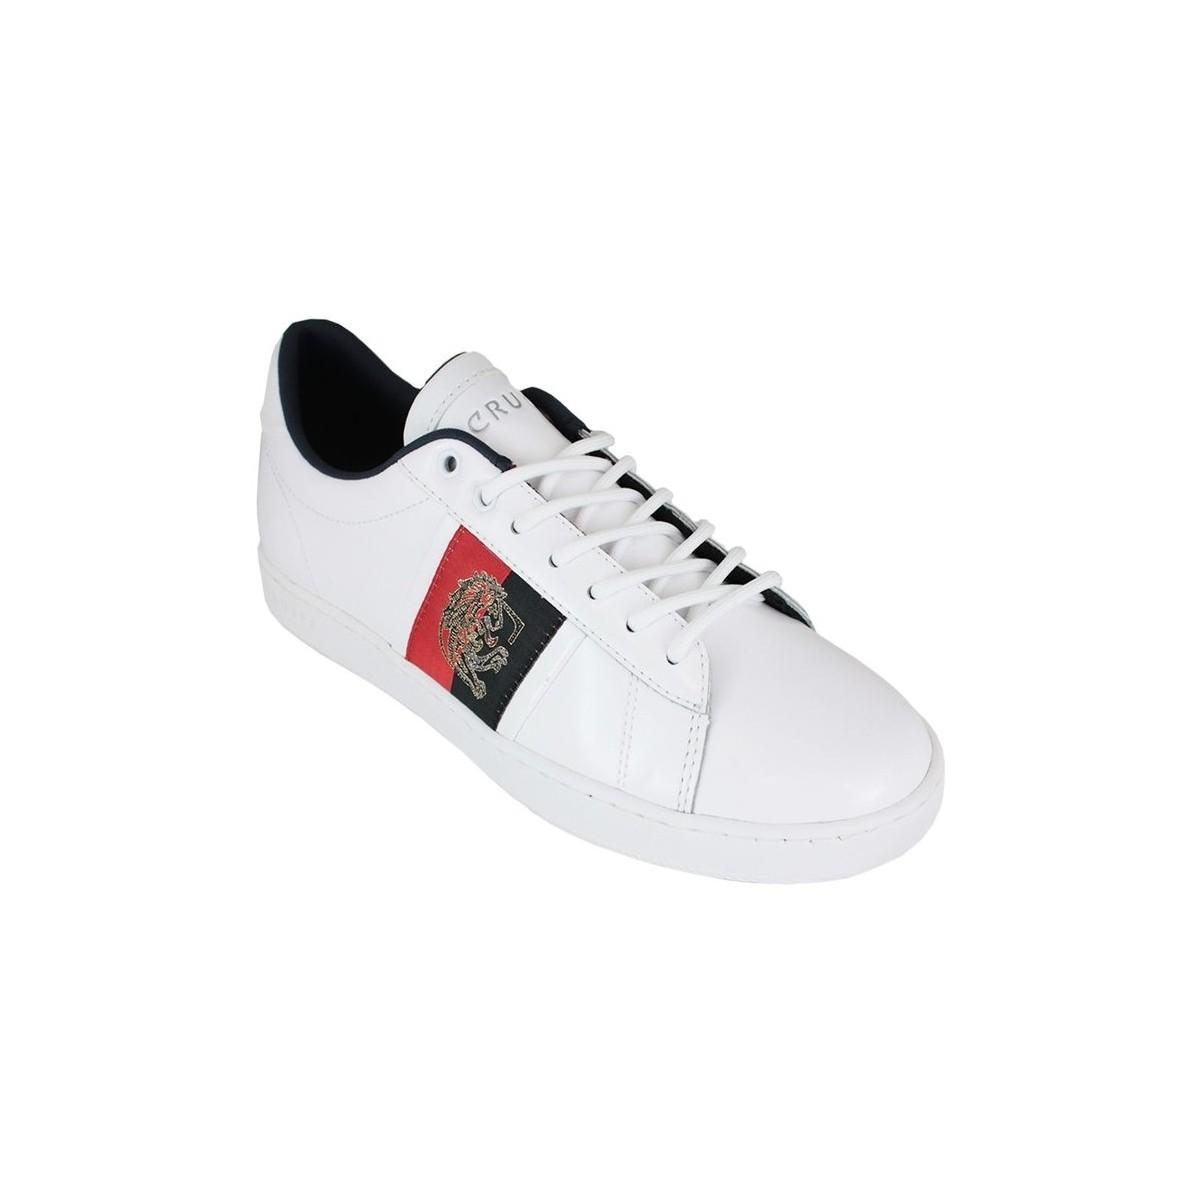 Sylva olanda white Chaussures Cruyff pour homme